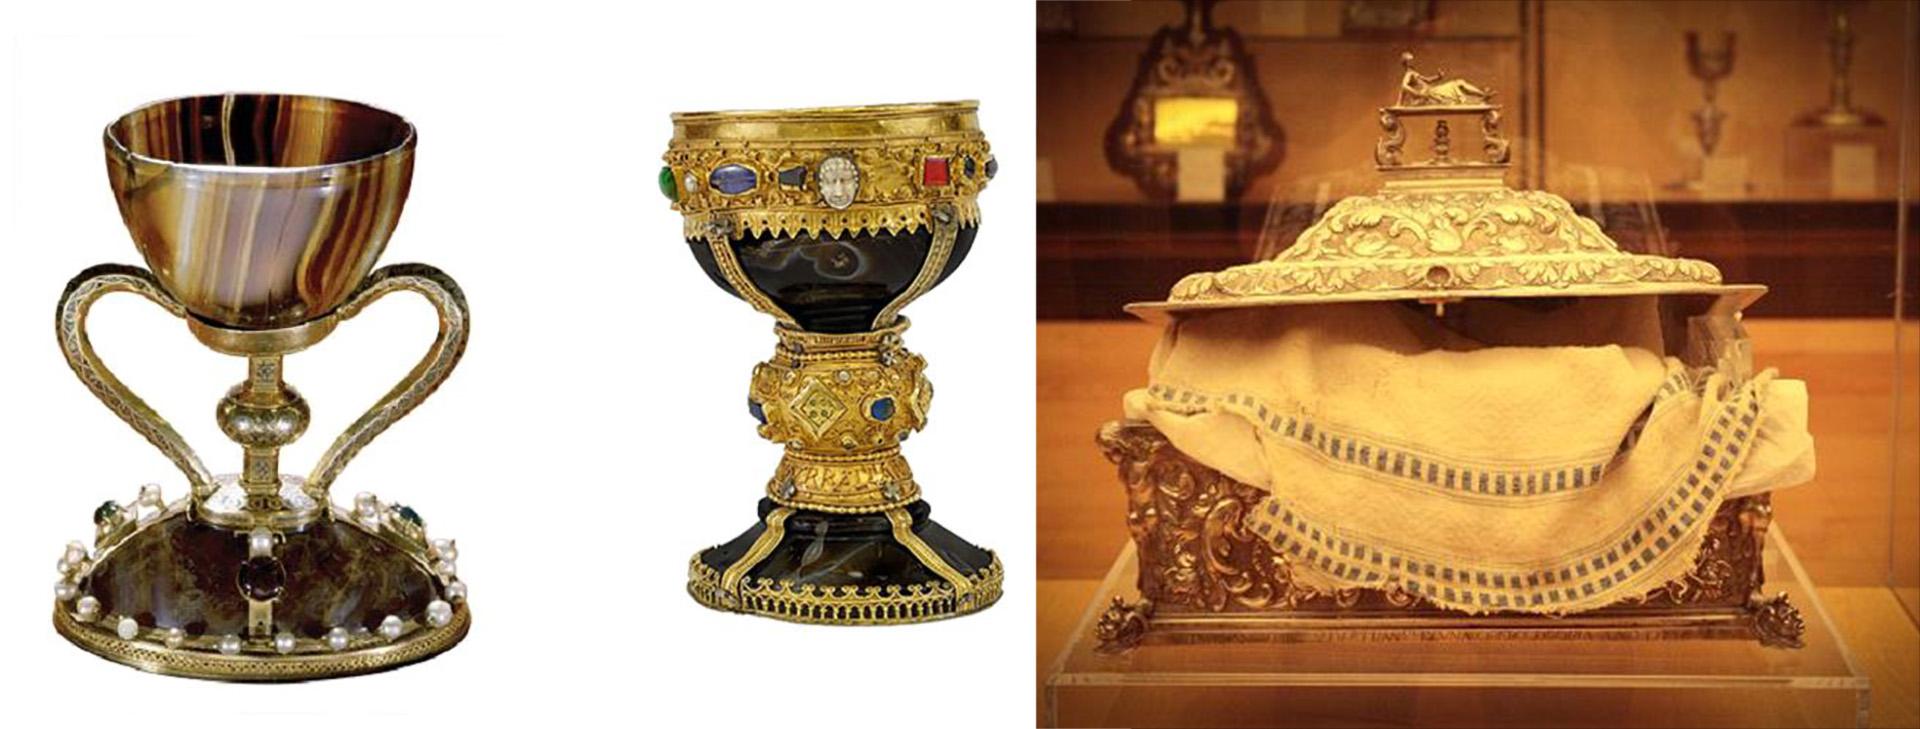 Cáliz de la última cena. El de Valencia, izquierda. El de León, derecha. Y el Mantel de la última cena en la Catedral de Coria, Cáceres, España